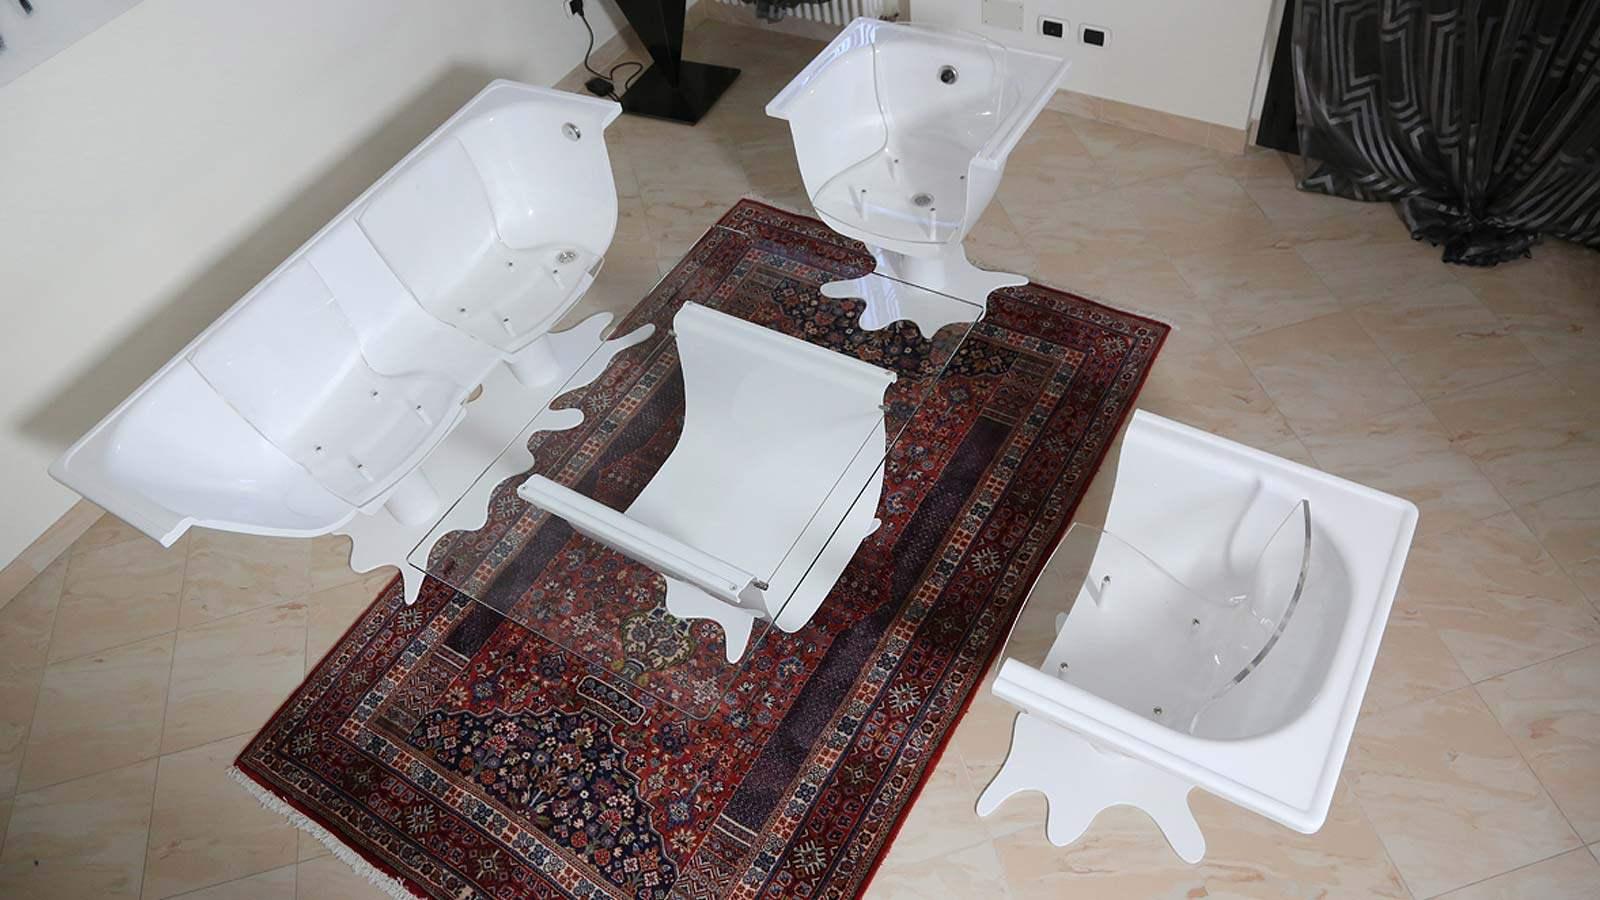 Oggetti strani per la casa una vasca da bagno in salotto for Oggetti casa strani